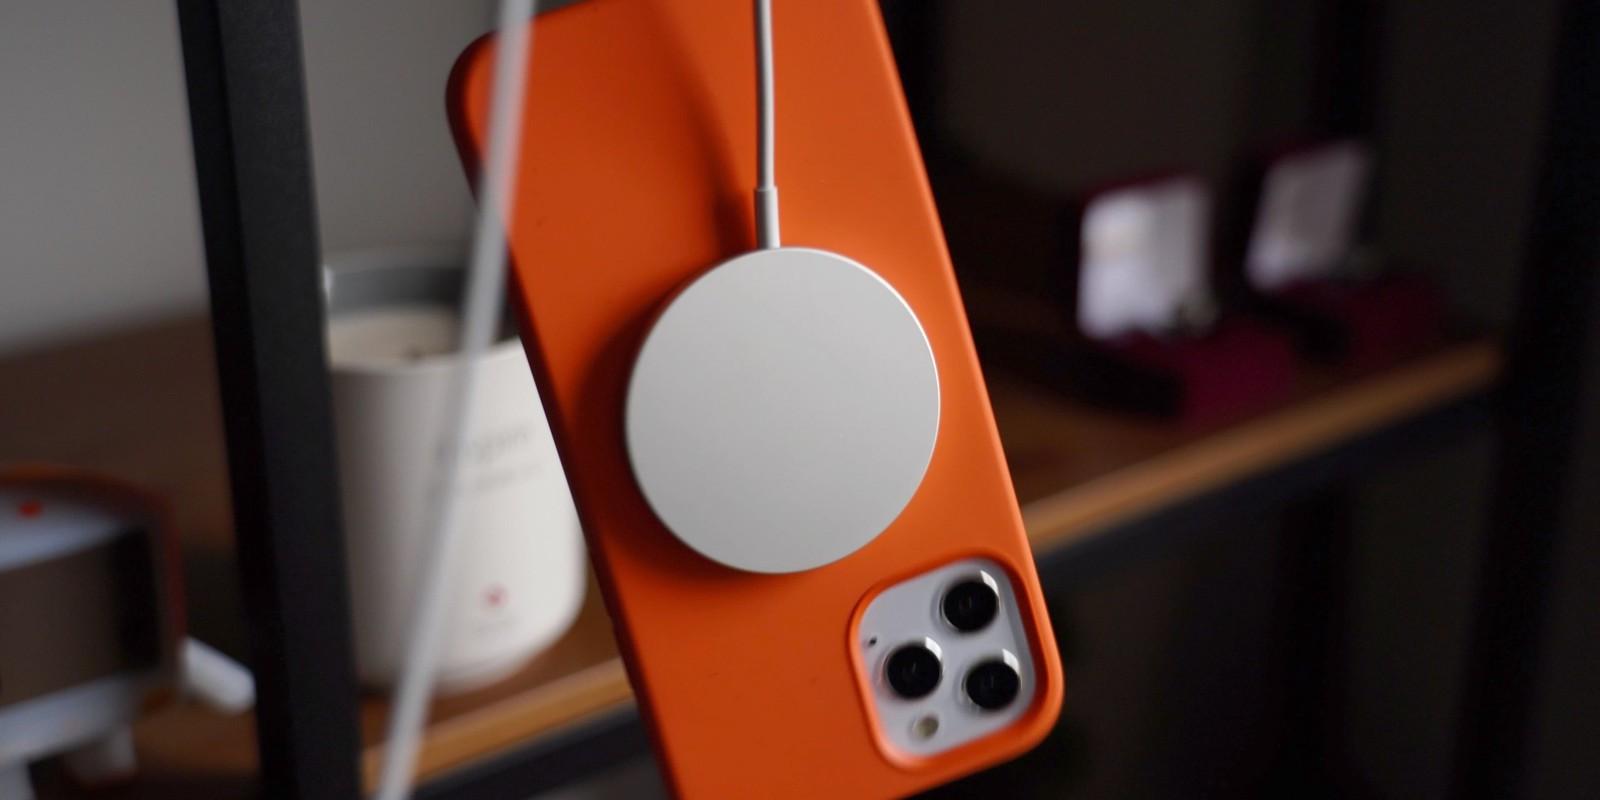 Опубликован список устройств Apple, которые нужно держать подальше от медицинских приборов